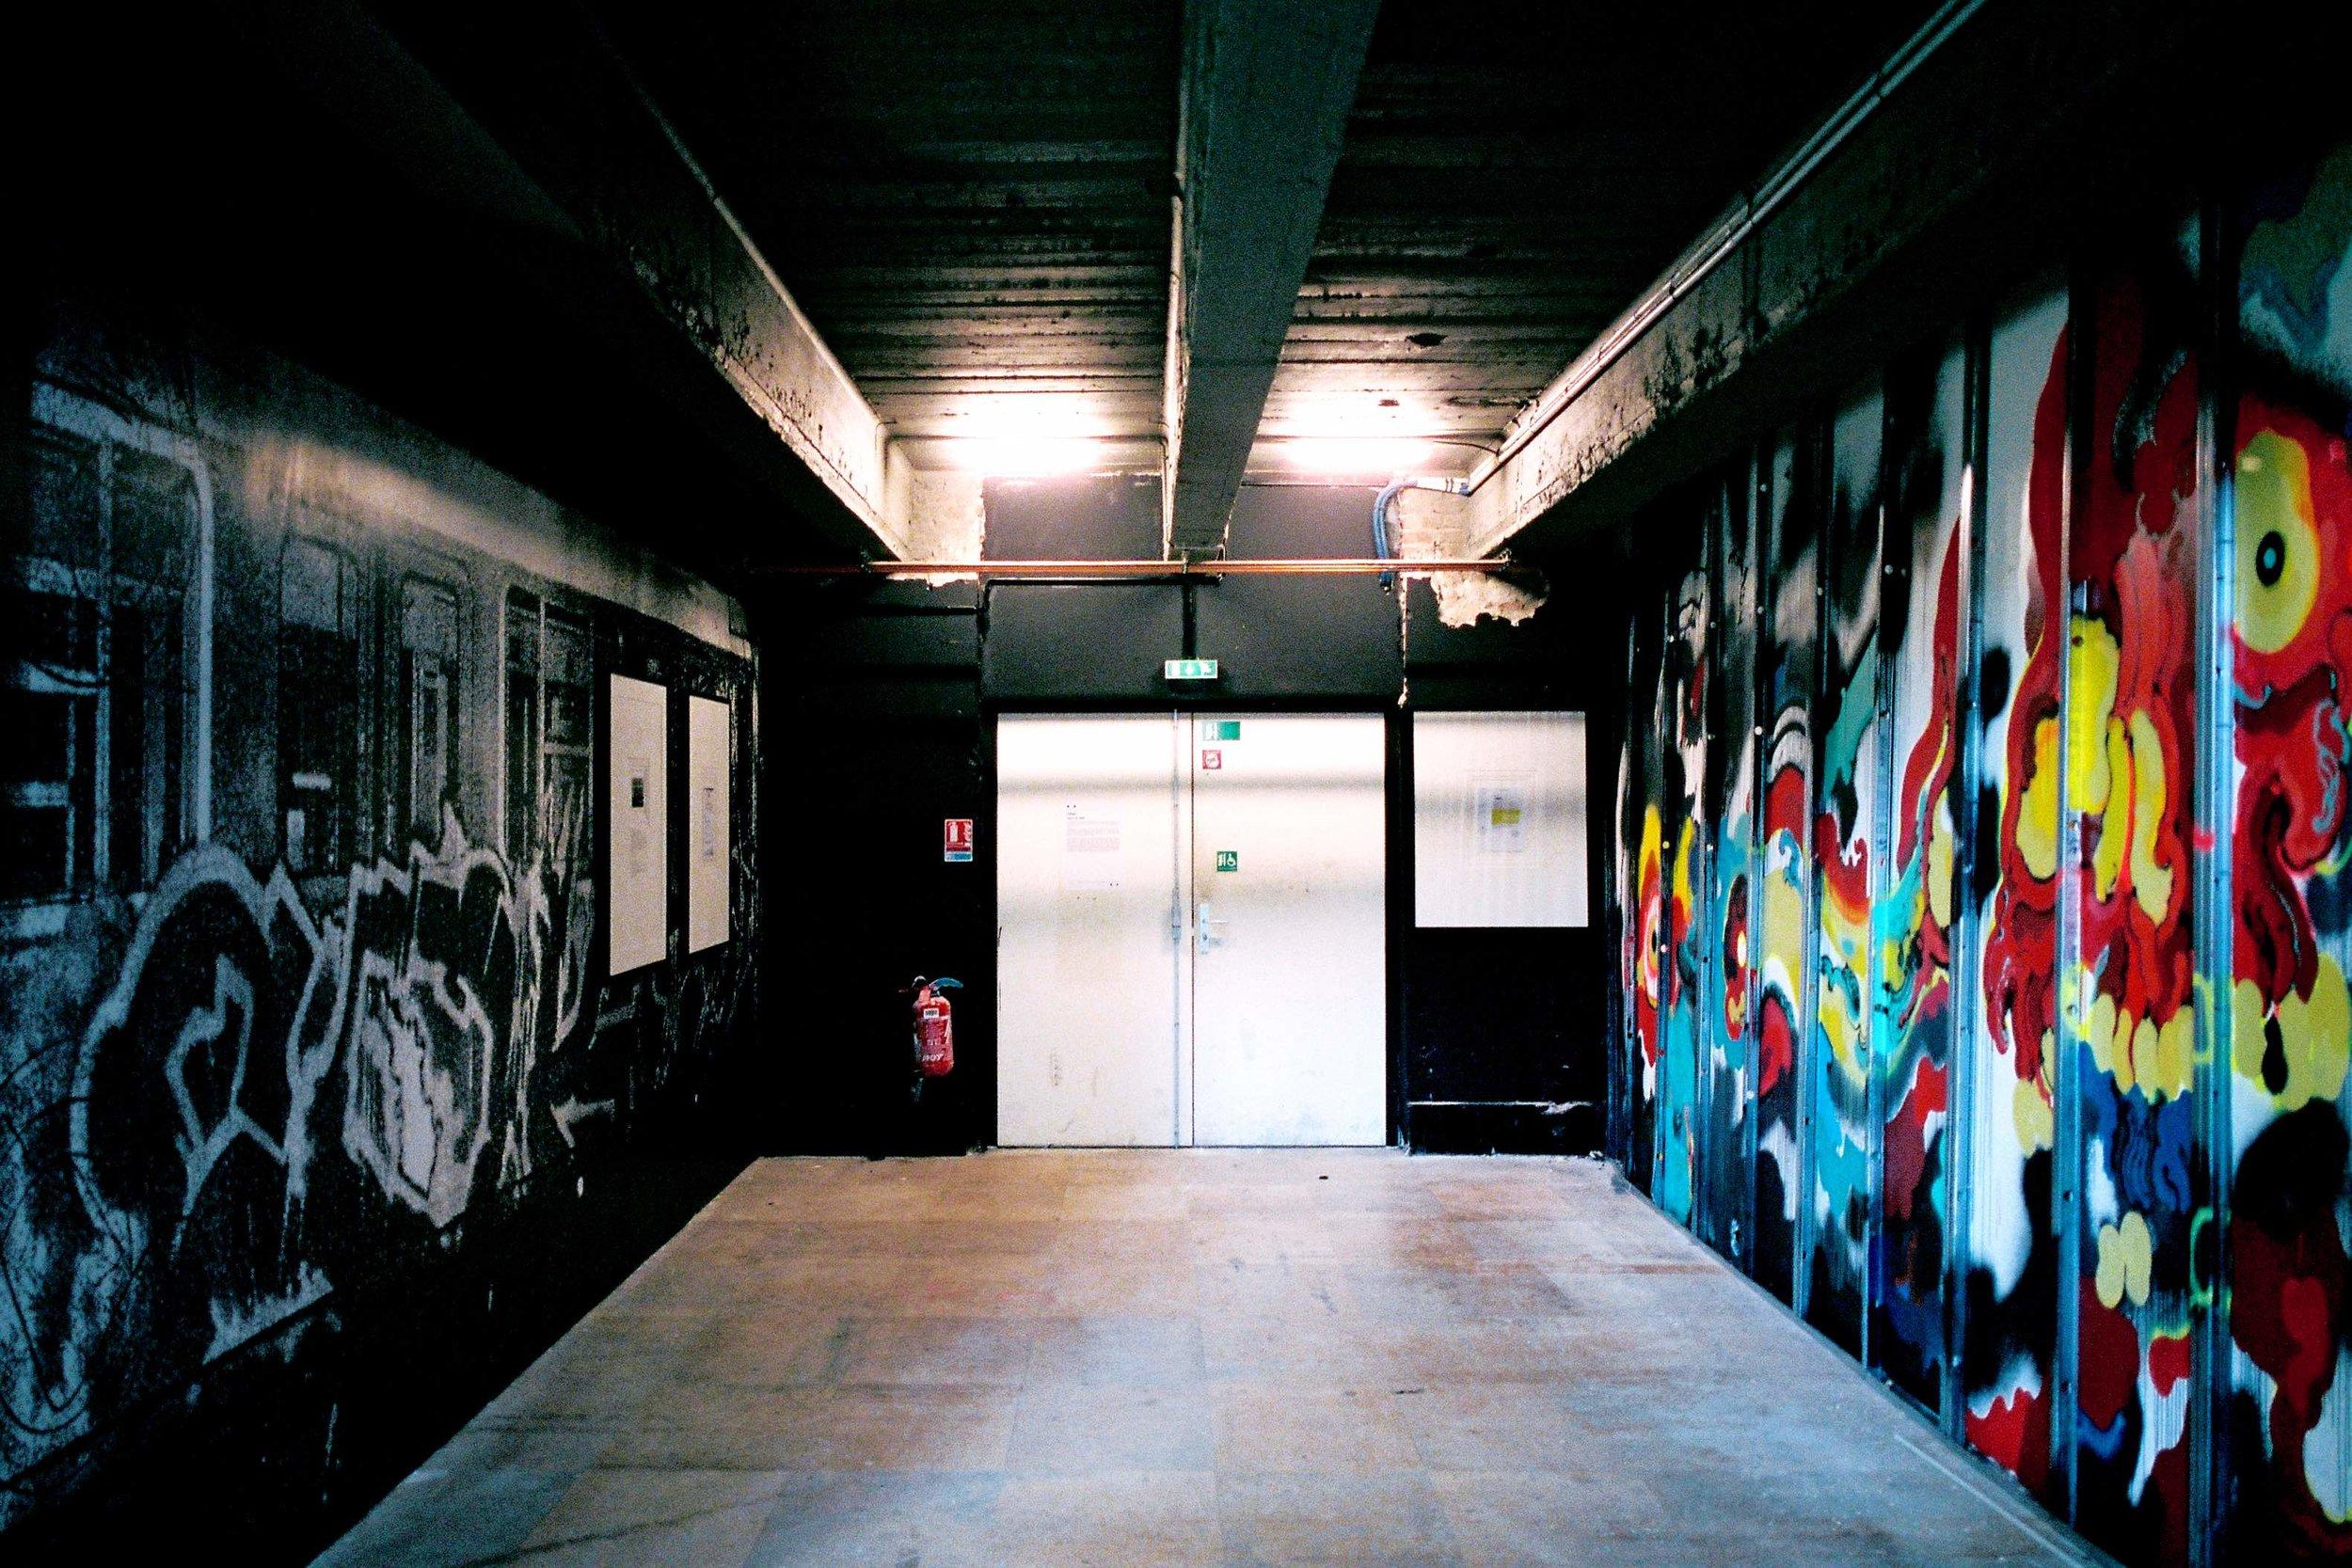 Fabrice Yencko - Palais de Tokyo - Lasco Porject #3